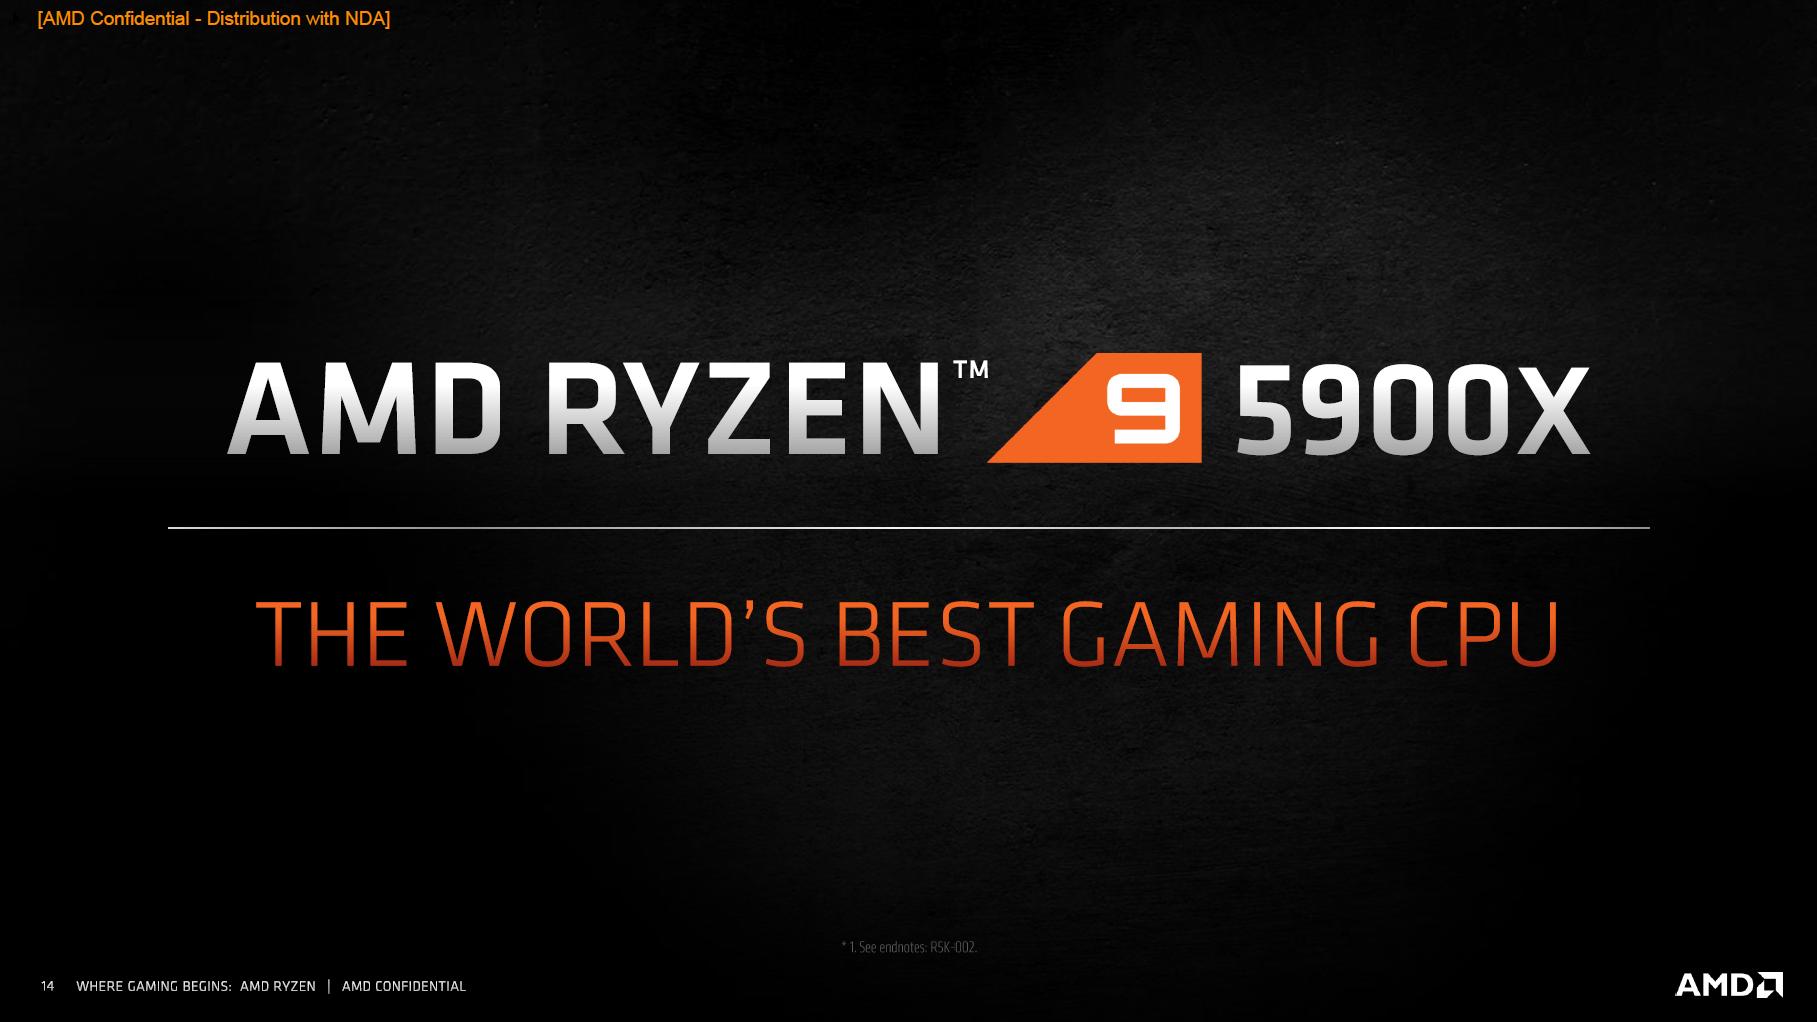 AMD Ryzen 9 5900X laut Herstelelr der weltbeste Gaming-Prozessor